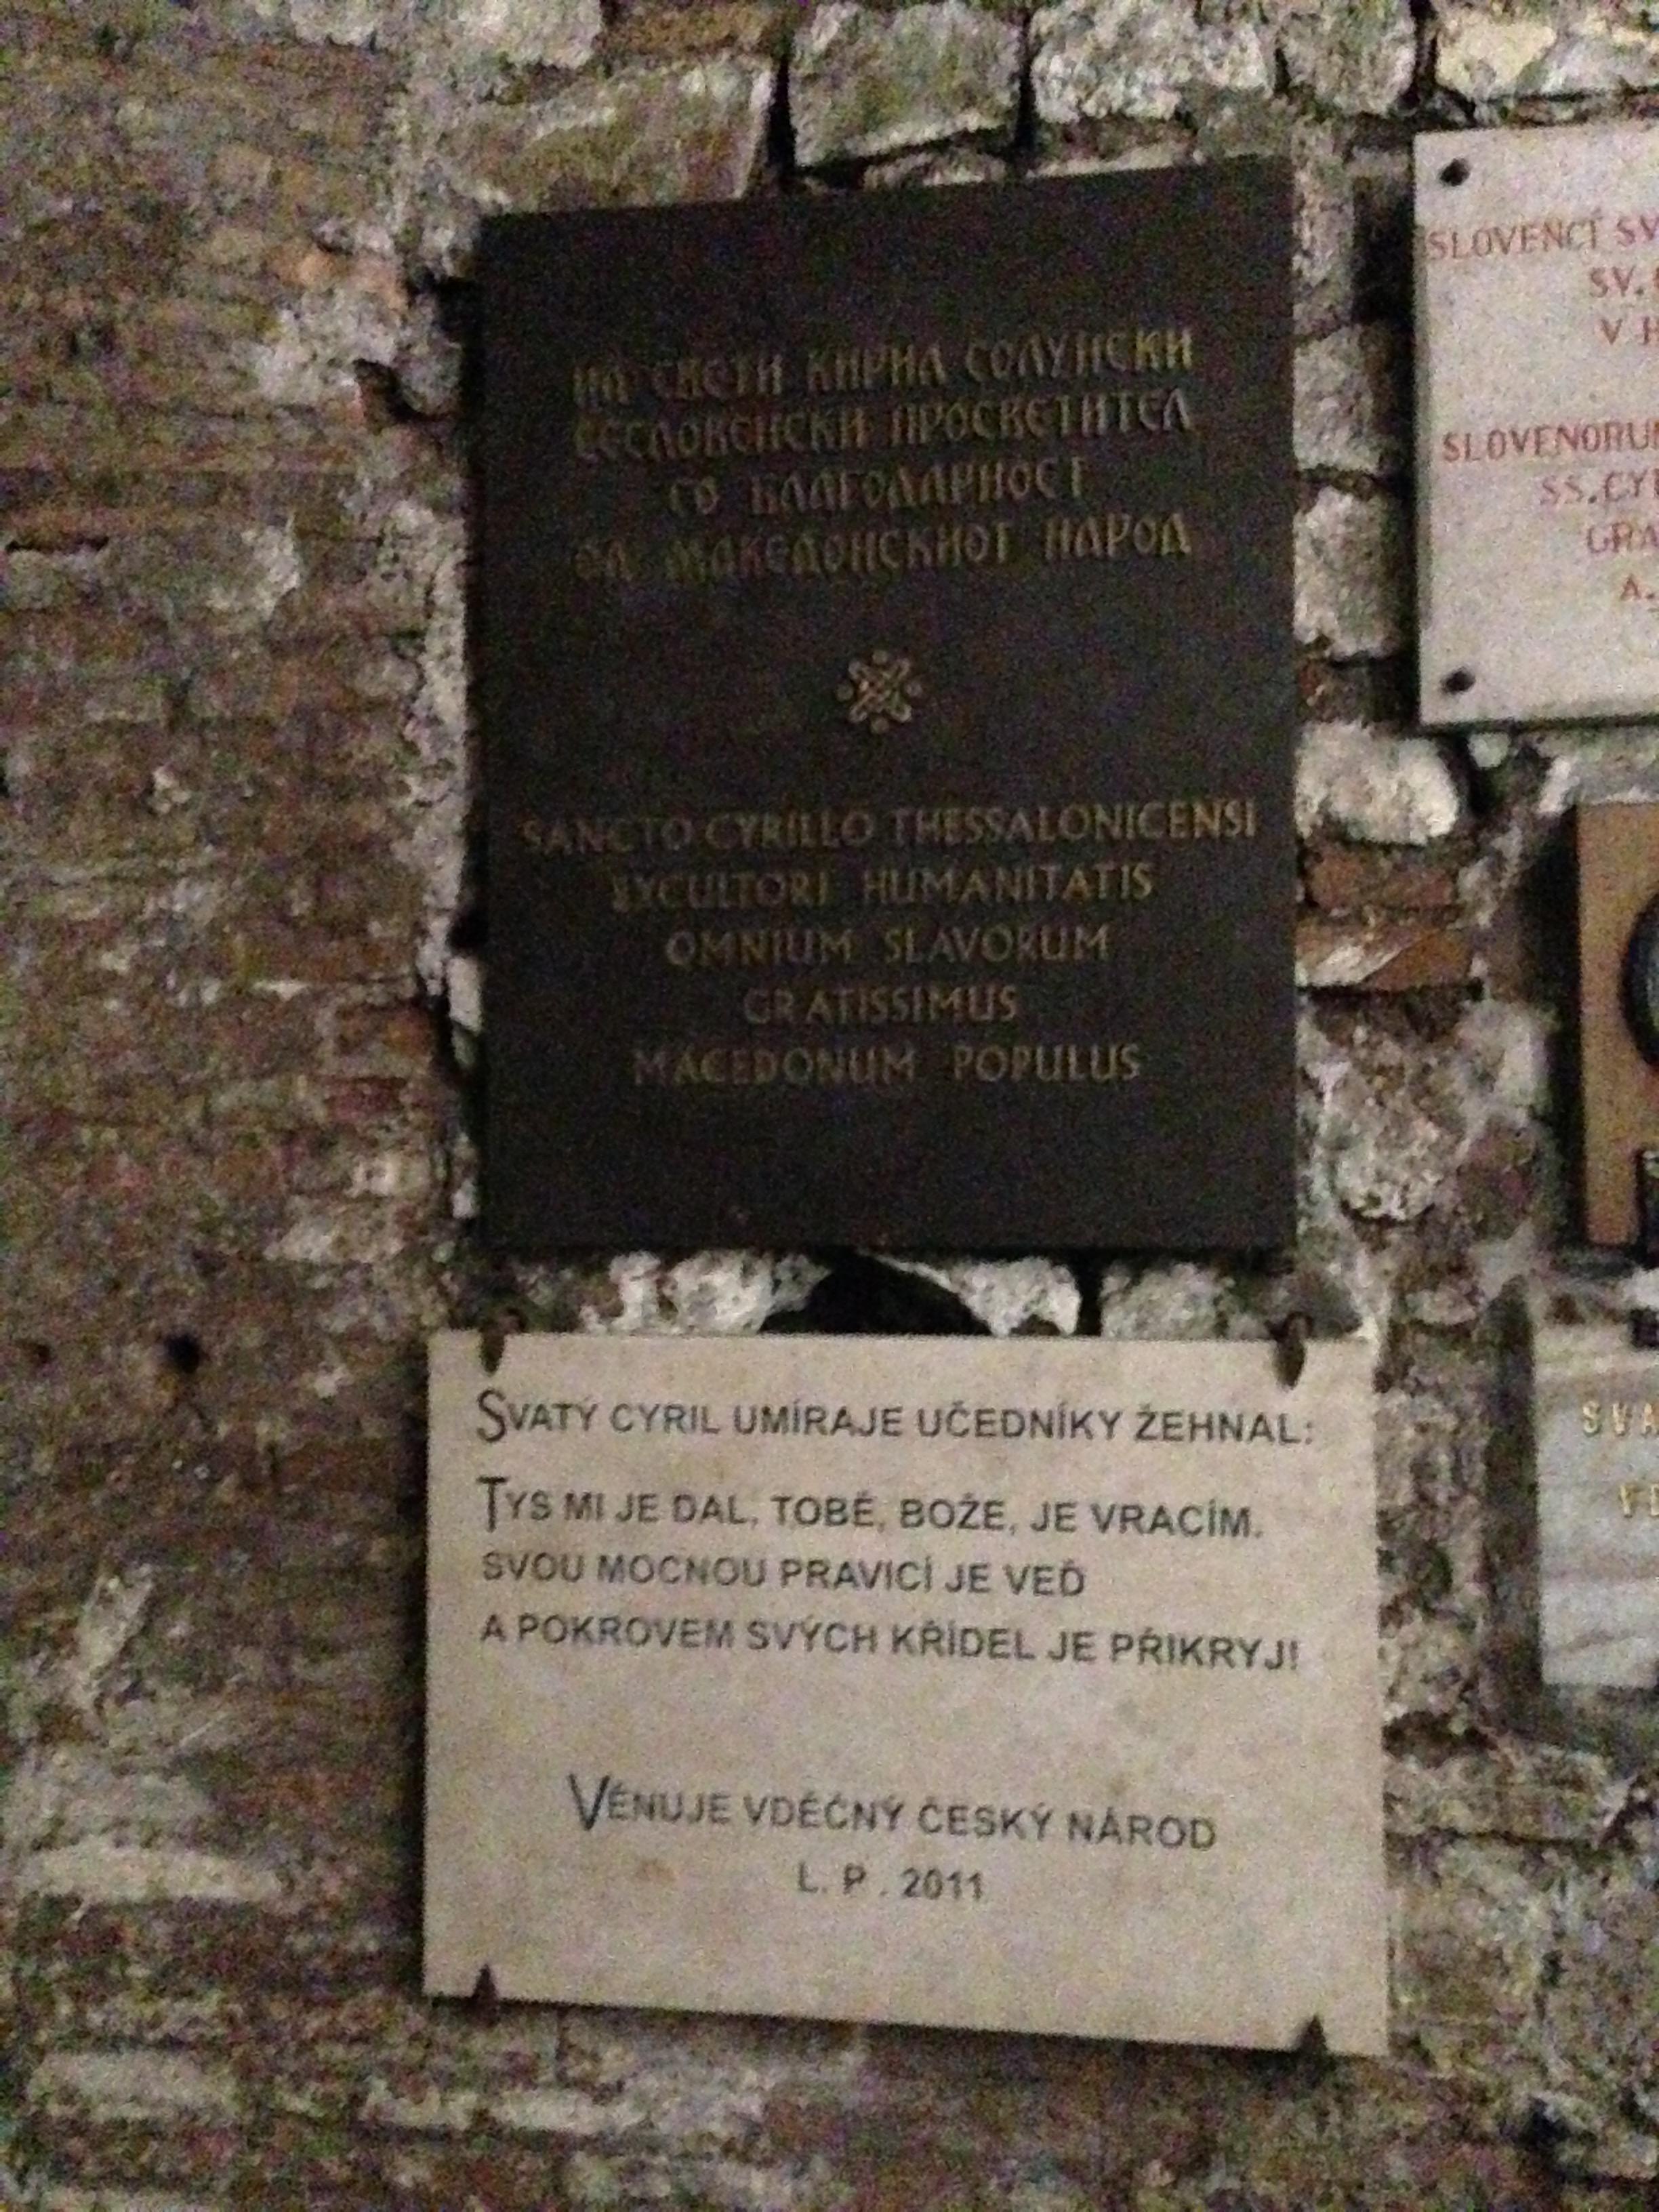 Памятная доска установлена по инициативе Международного фонда славянской письменности и культуры